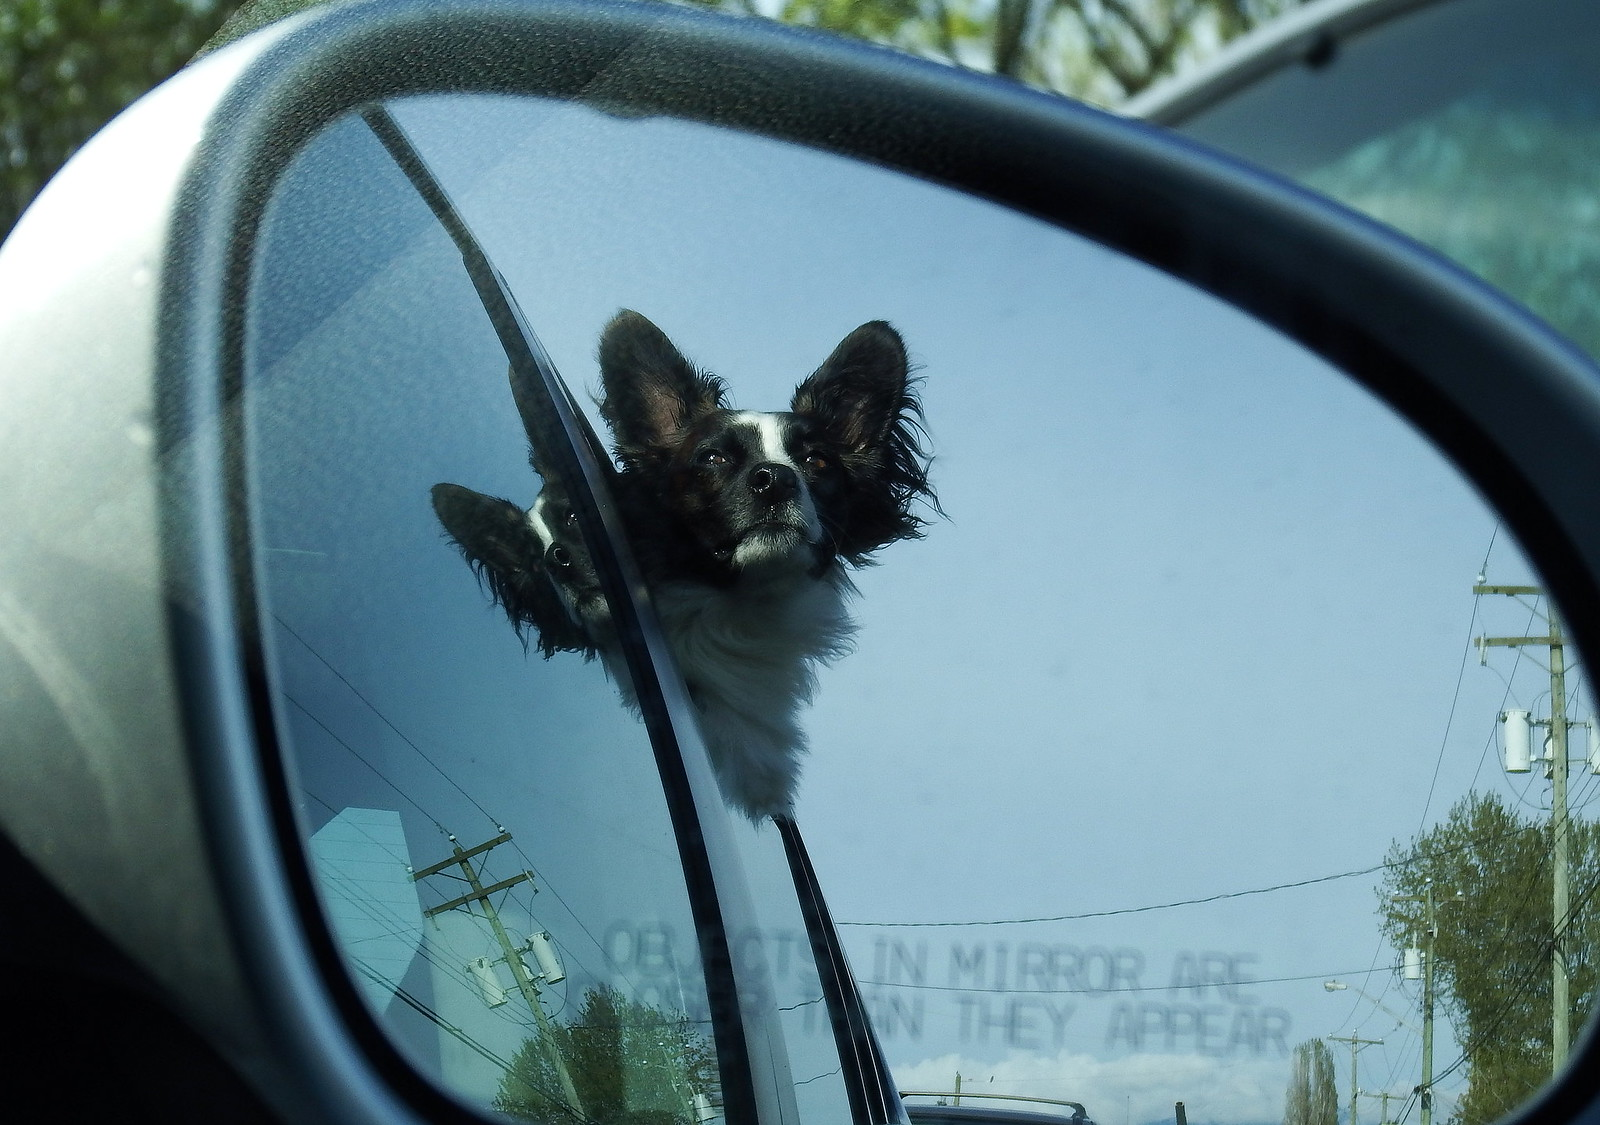 Puppy in the mirror, Fujifilm FinePix S1